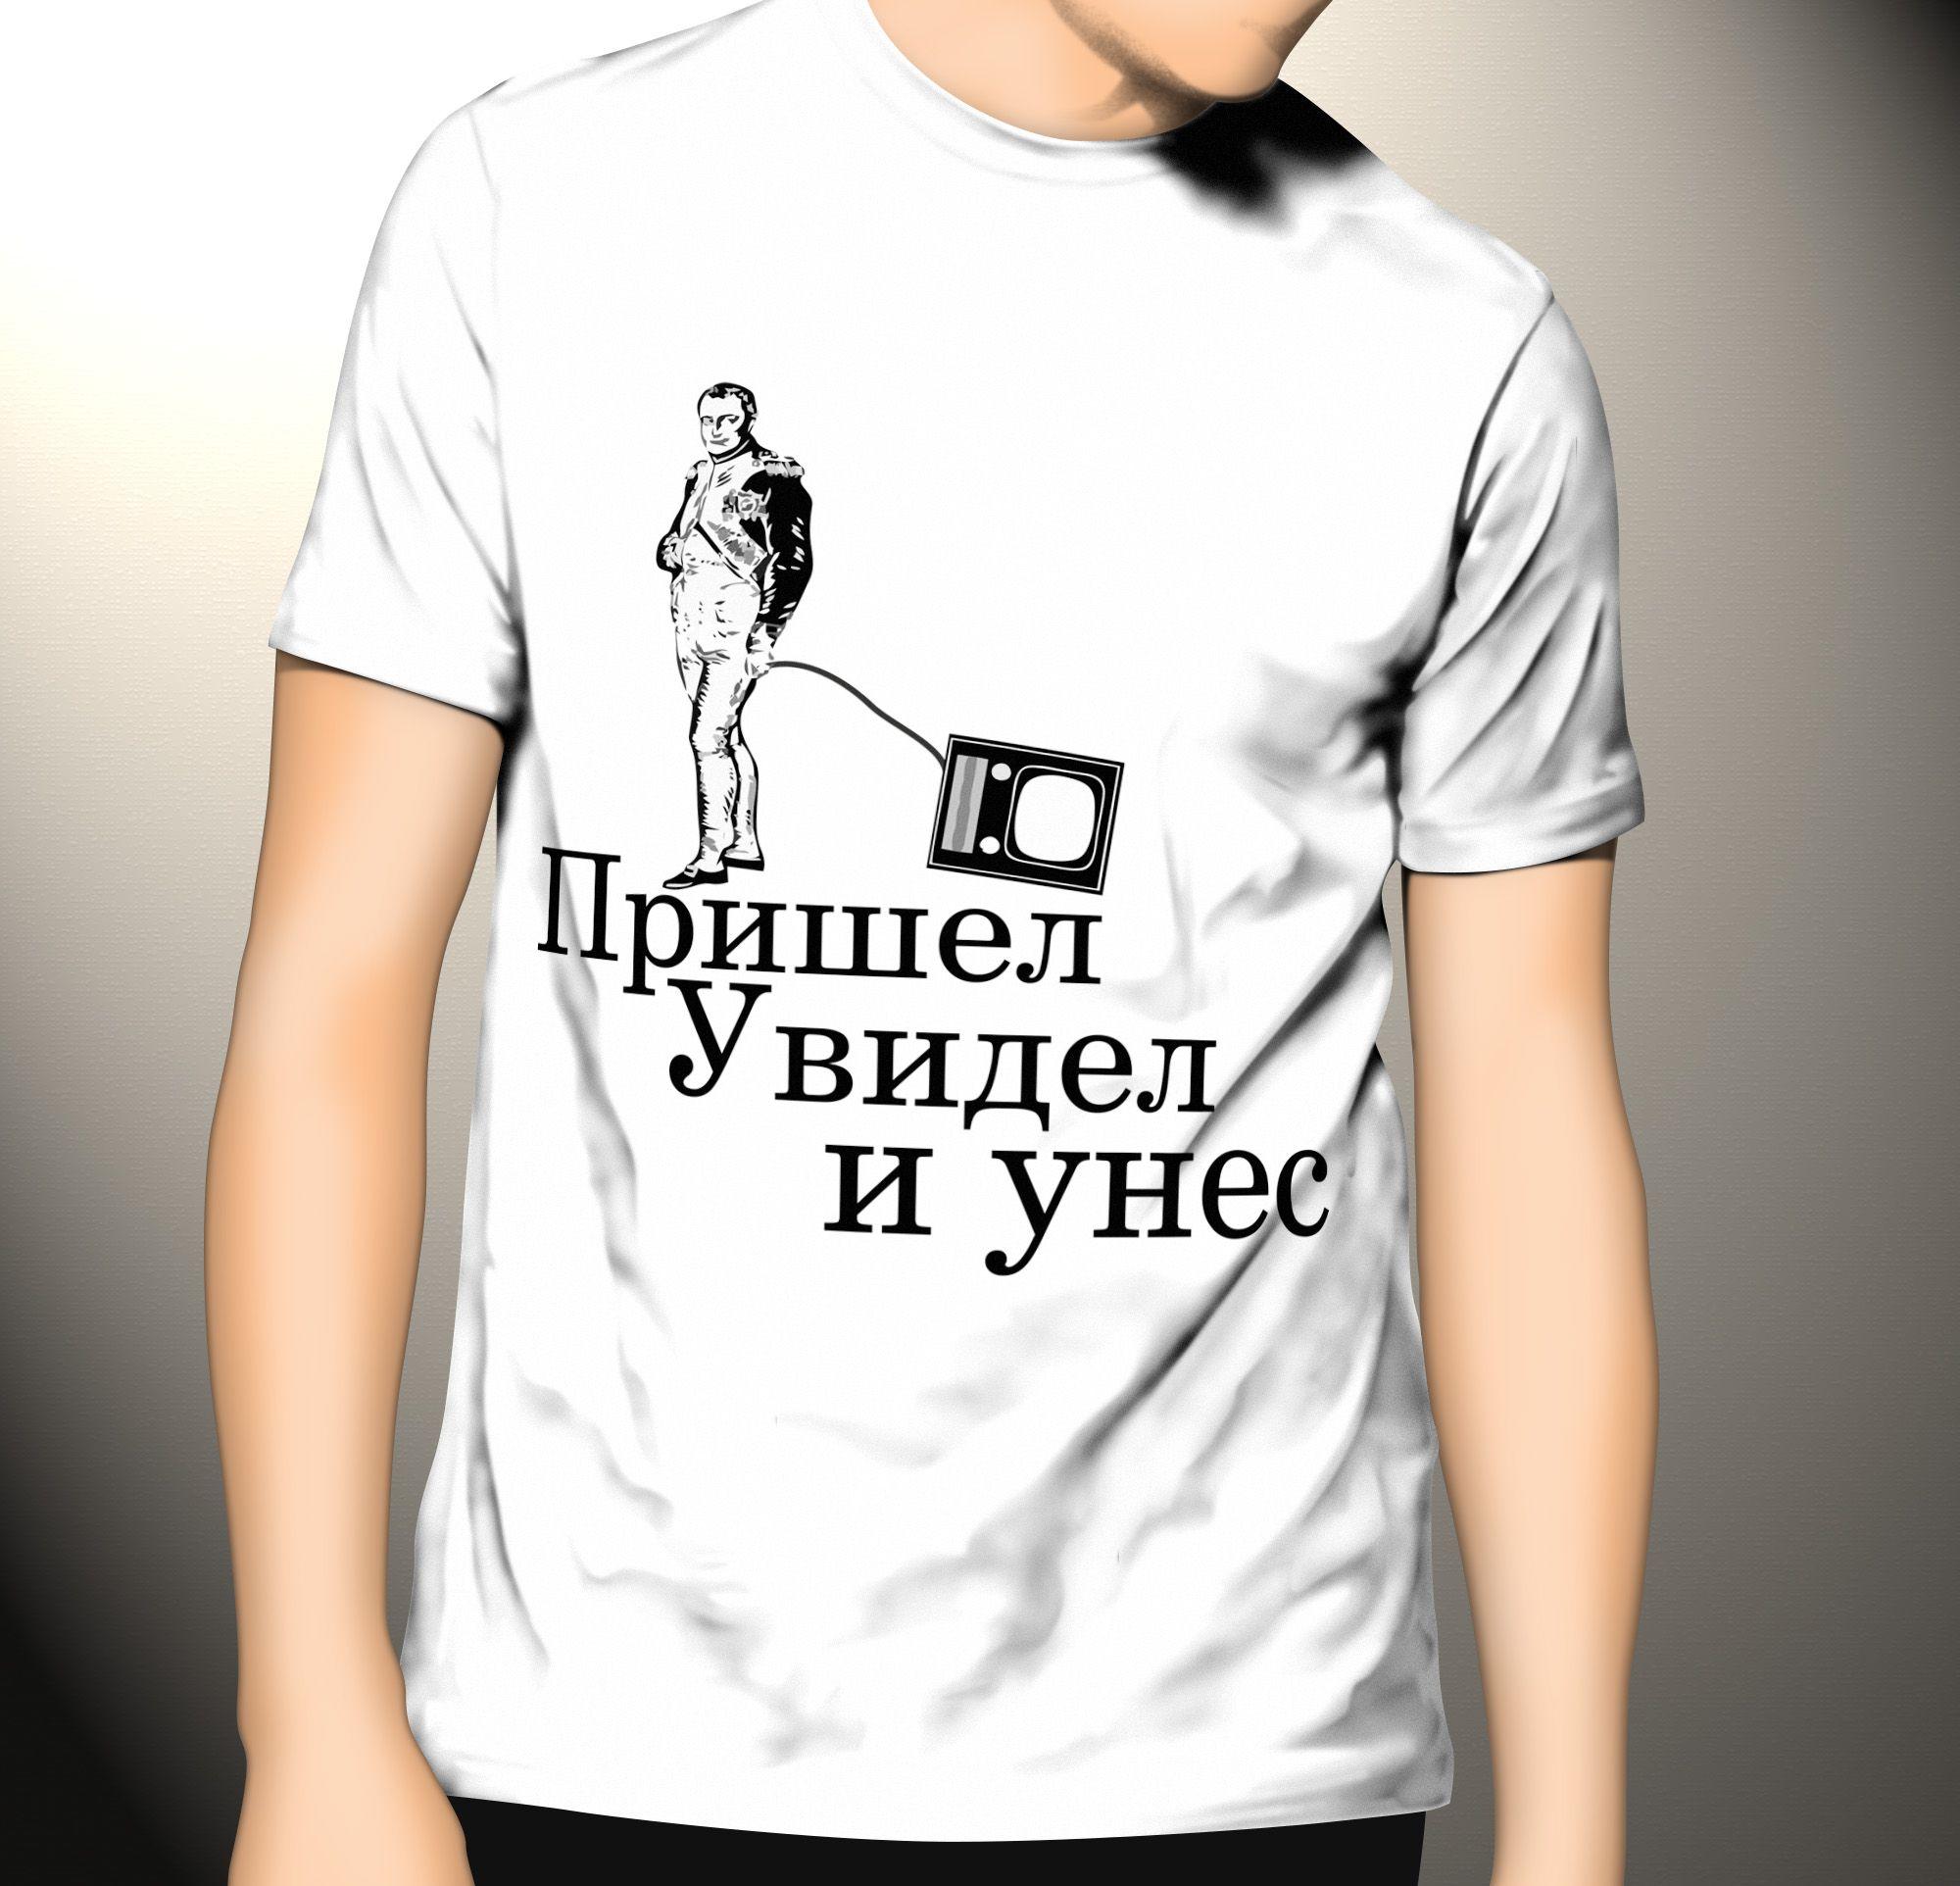 Принт к фразе на мужскую футболку - дизайнер toster108